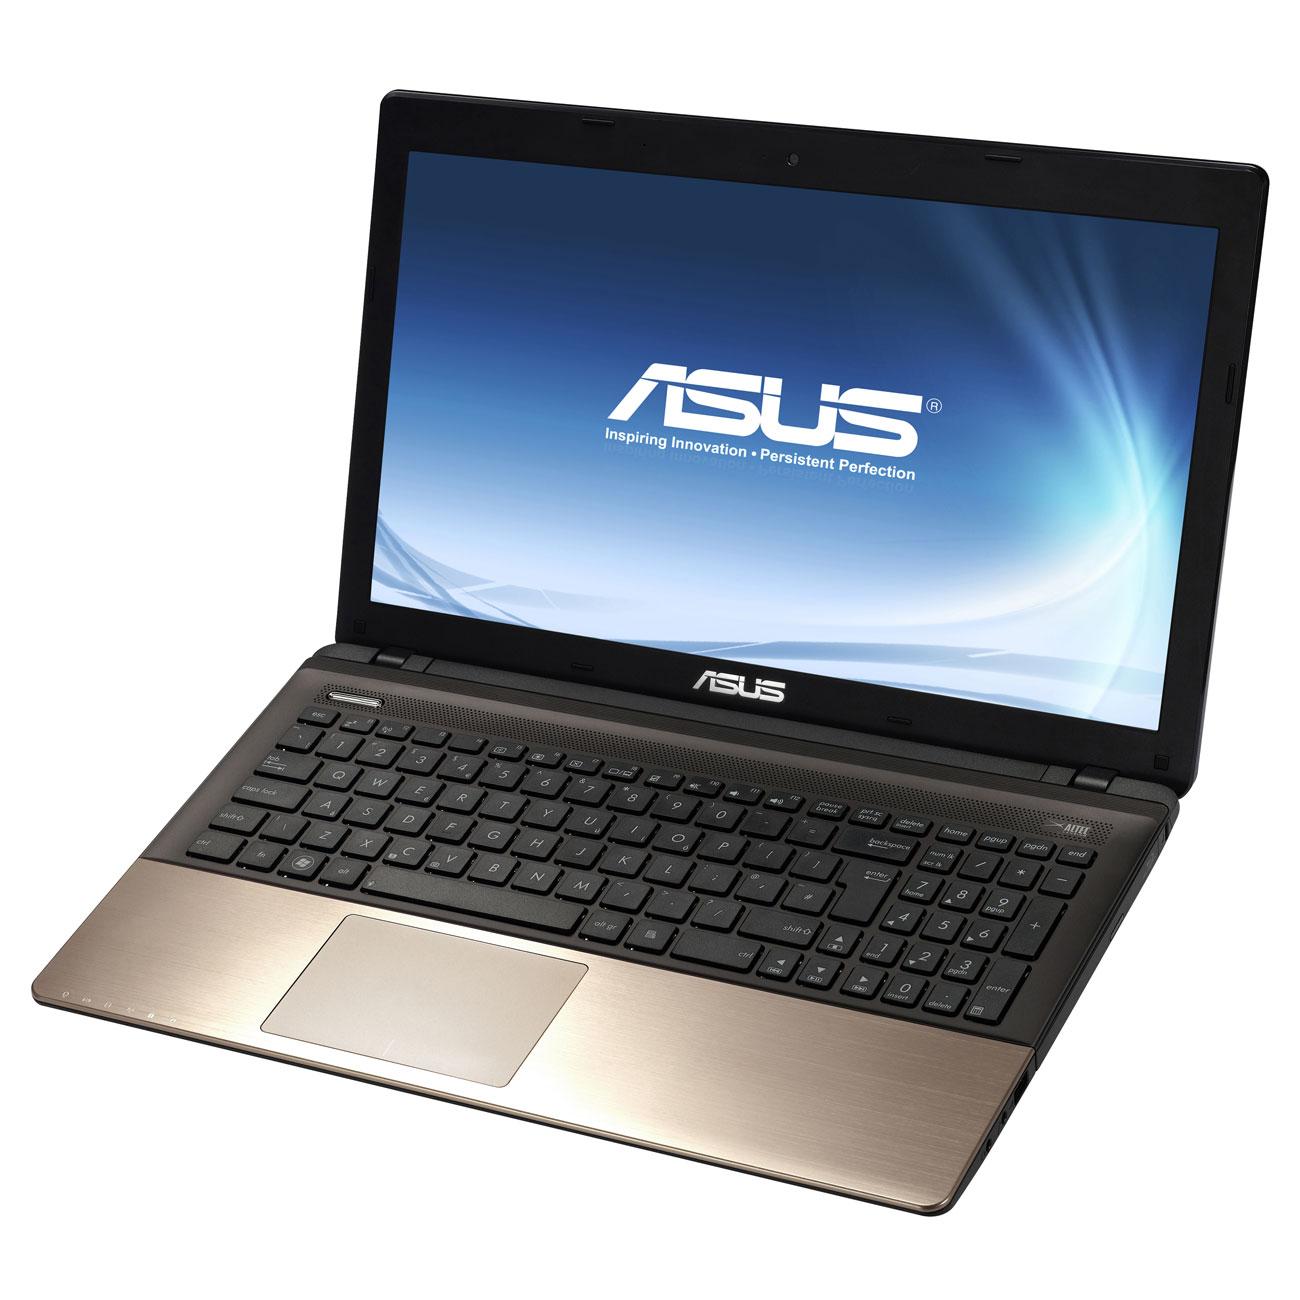 """PC portable ASUS K55VM-SX030V Intel Core i7-3610QM 6 Go 750 Go 15.6"""" LED NVIDIA GeForce GT 630M Graveur DVD Wi-Fi N/BT Webcam Windows 7 Premium 64 bits (garantie constructeur 2 ans)"""